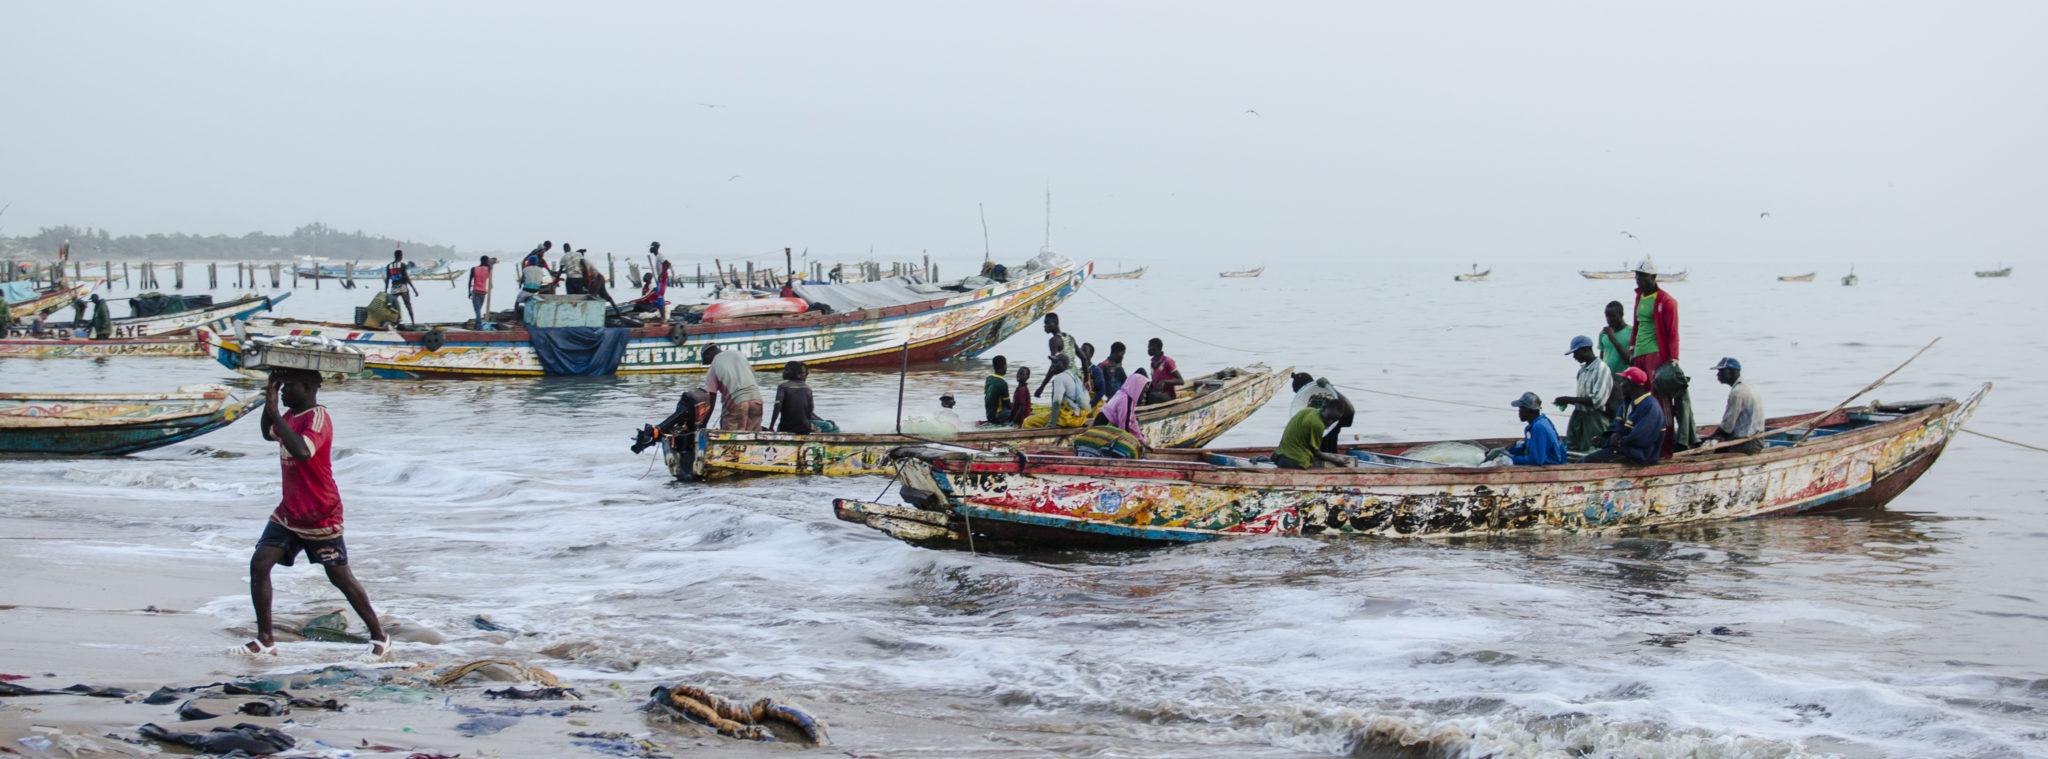 Fish-market-Mbour-Slider